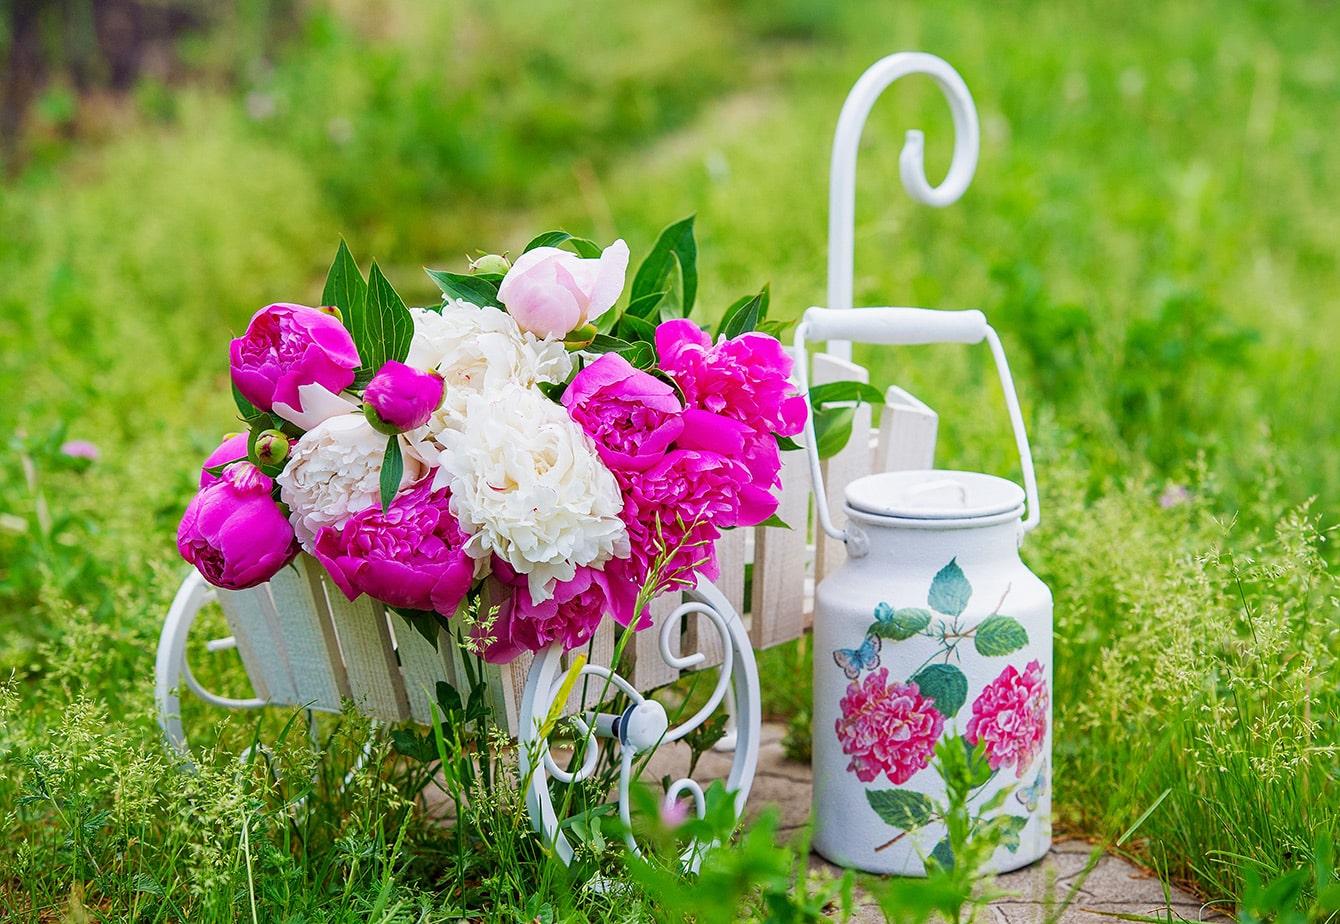 Garten im Vintage-Stil - schöne Ideen für Deko und Blumen